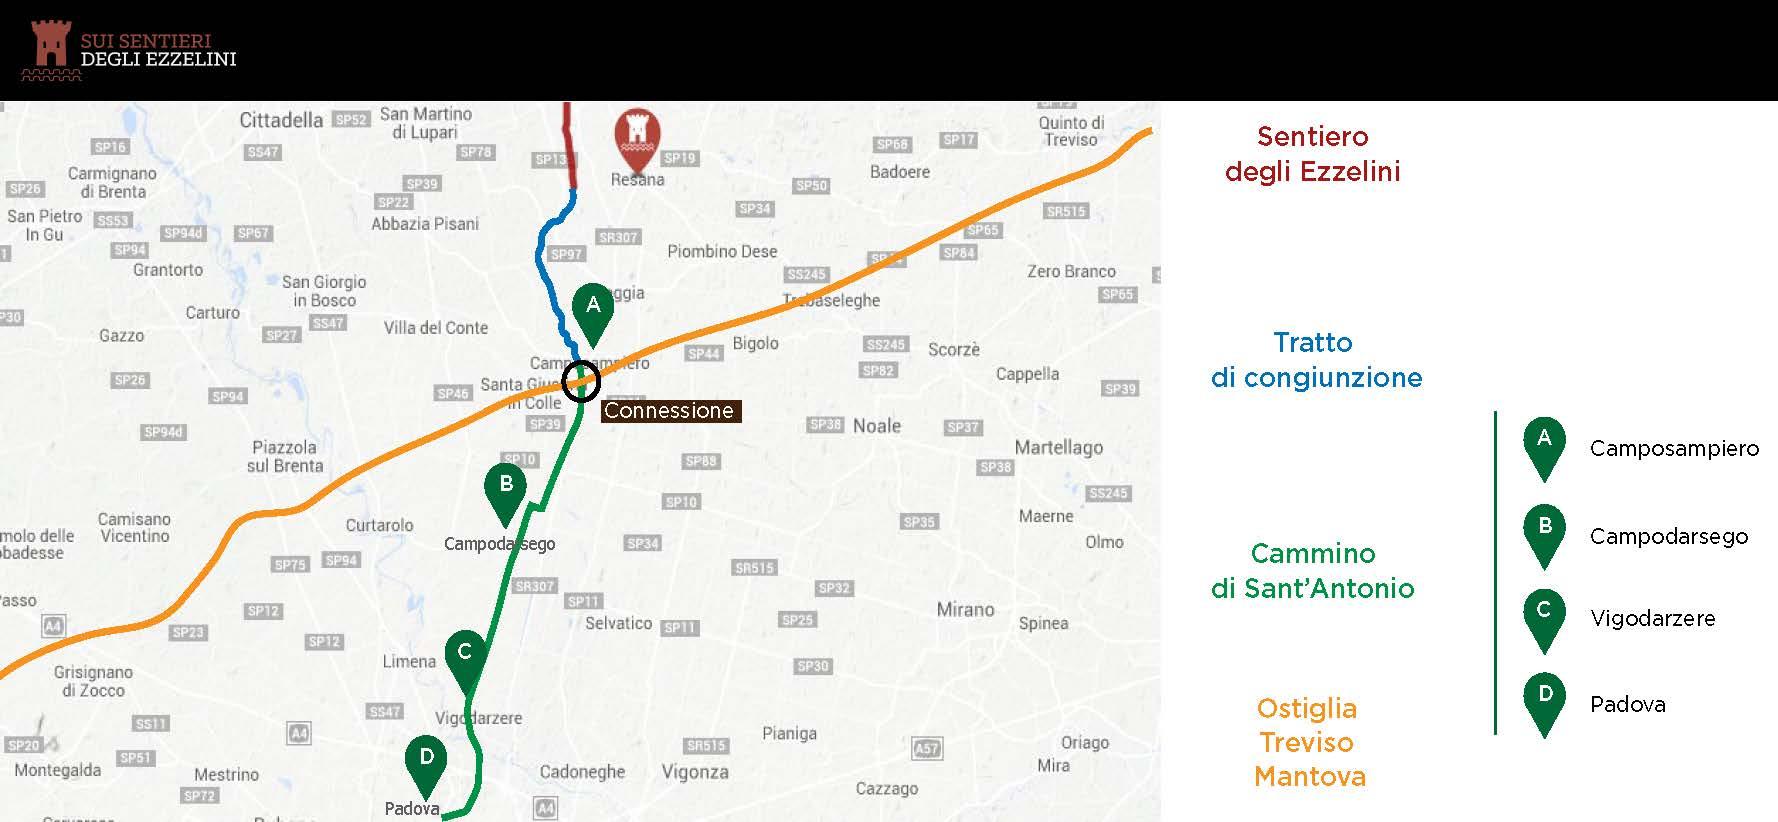 Mappa Ciclopedista Sui sentieri degli Ezzelini. Connessione con l'Ostiglia